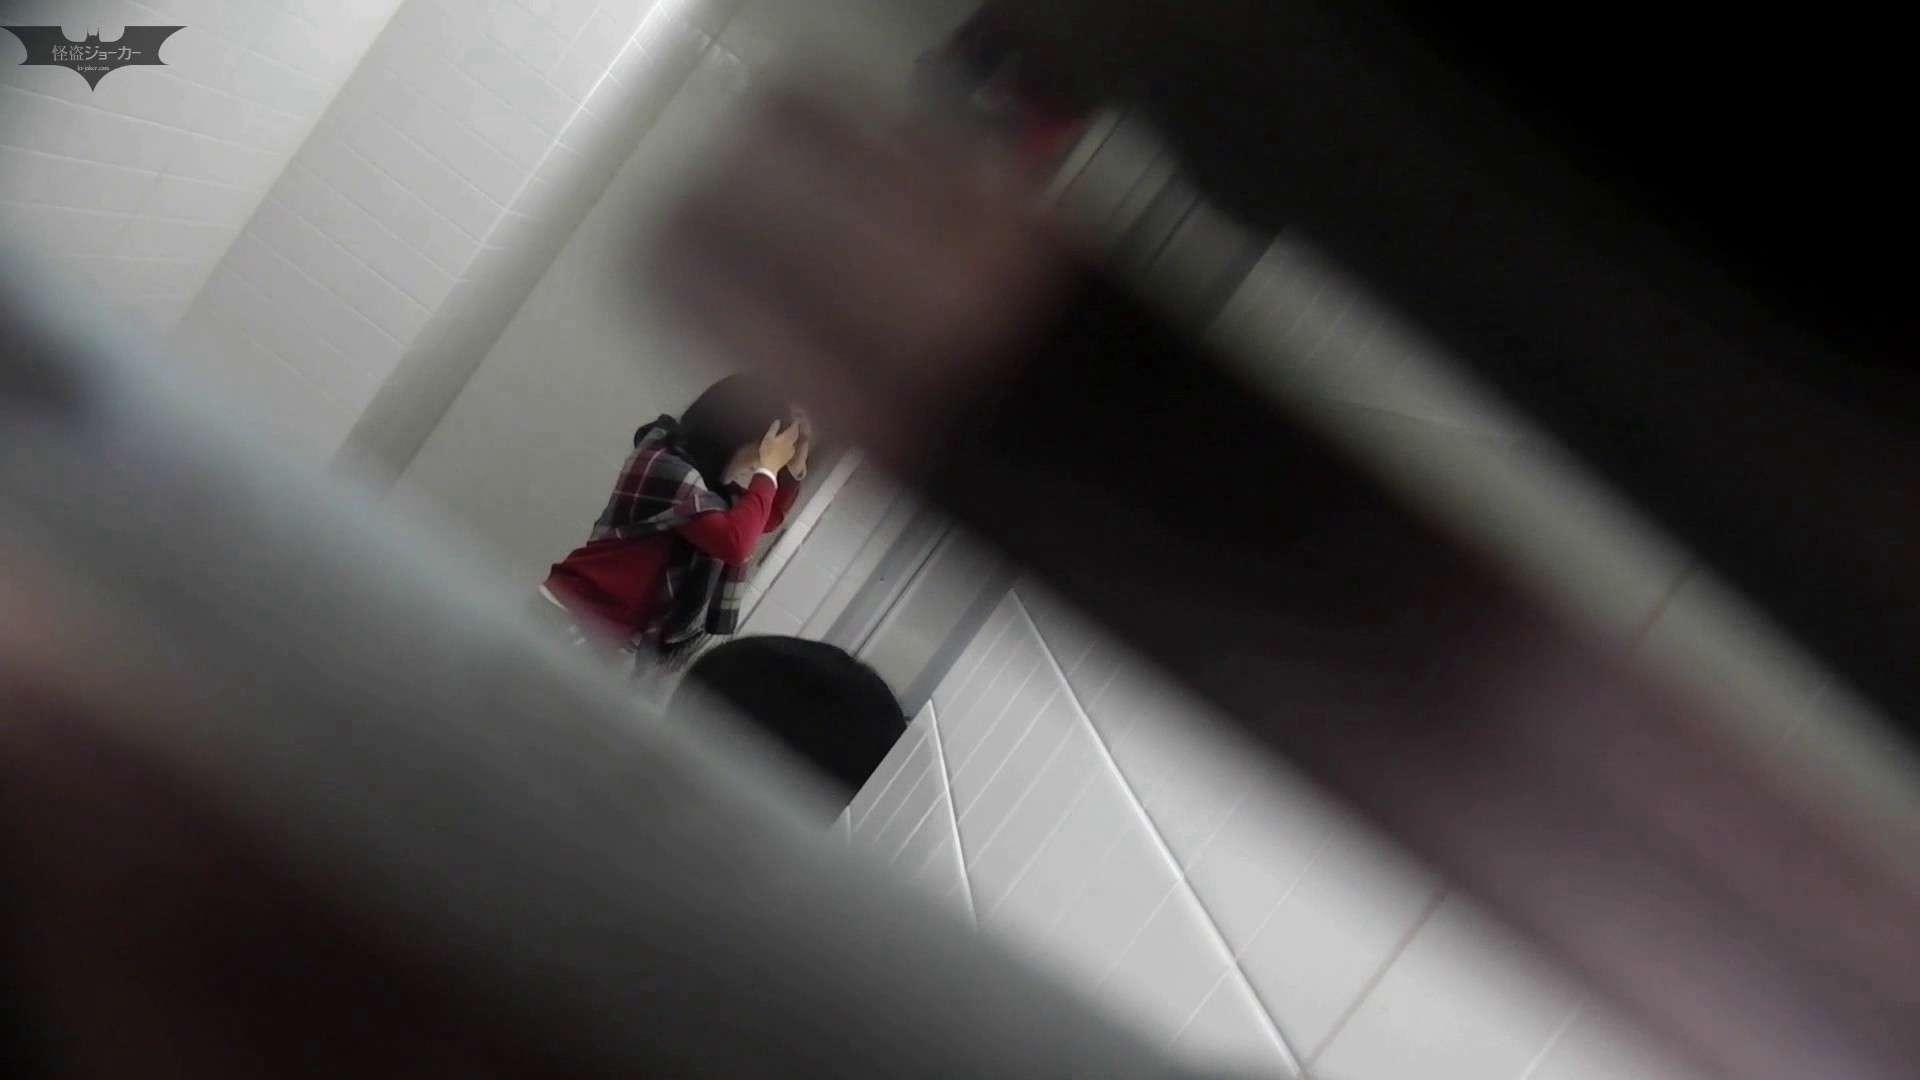 お銀さん vol.59 ピンチ!!「鏡の前で祈る女性」にばれる危機 洗面所着替え | OL  48連発 33